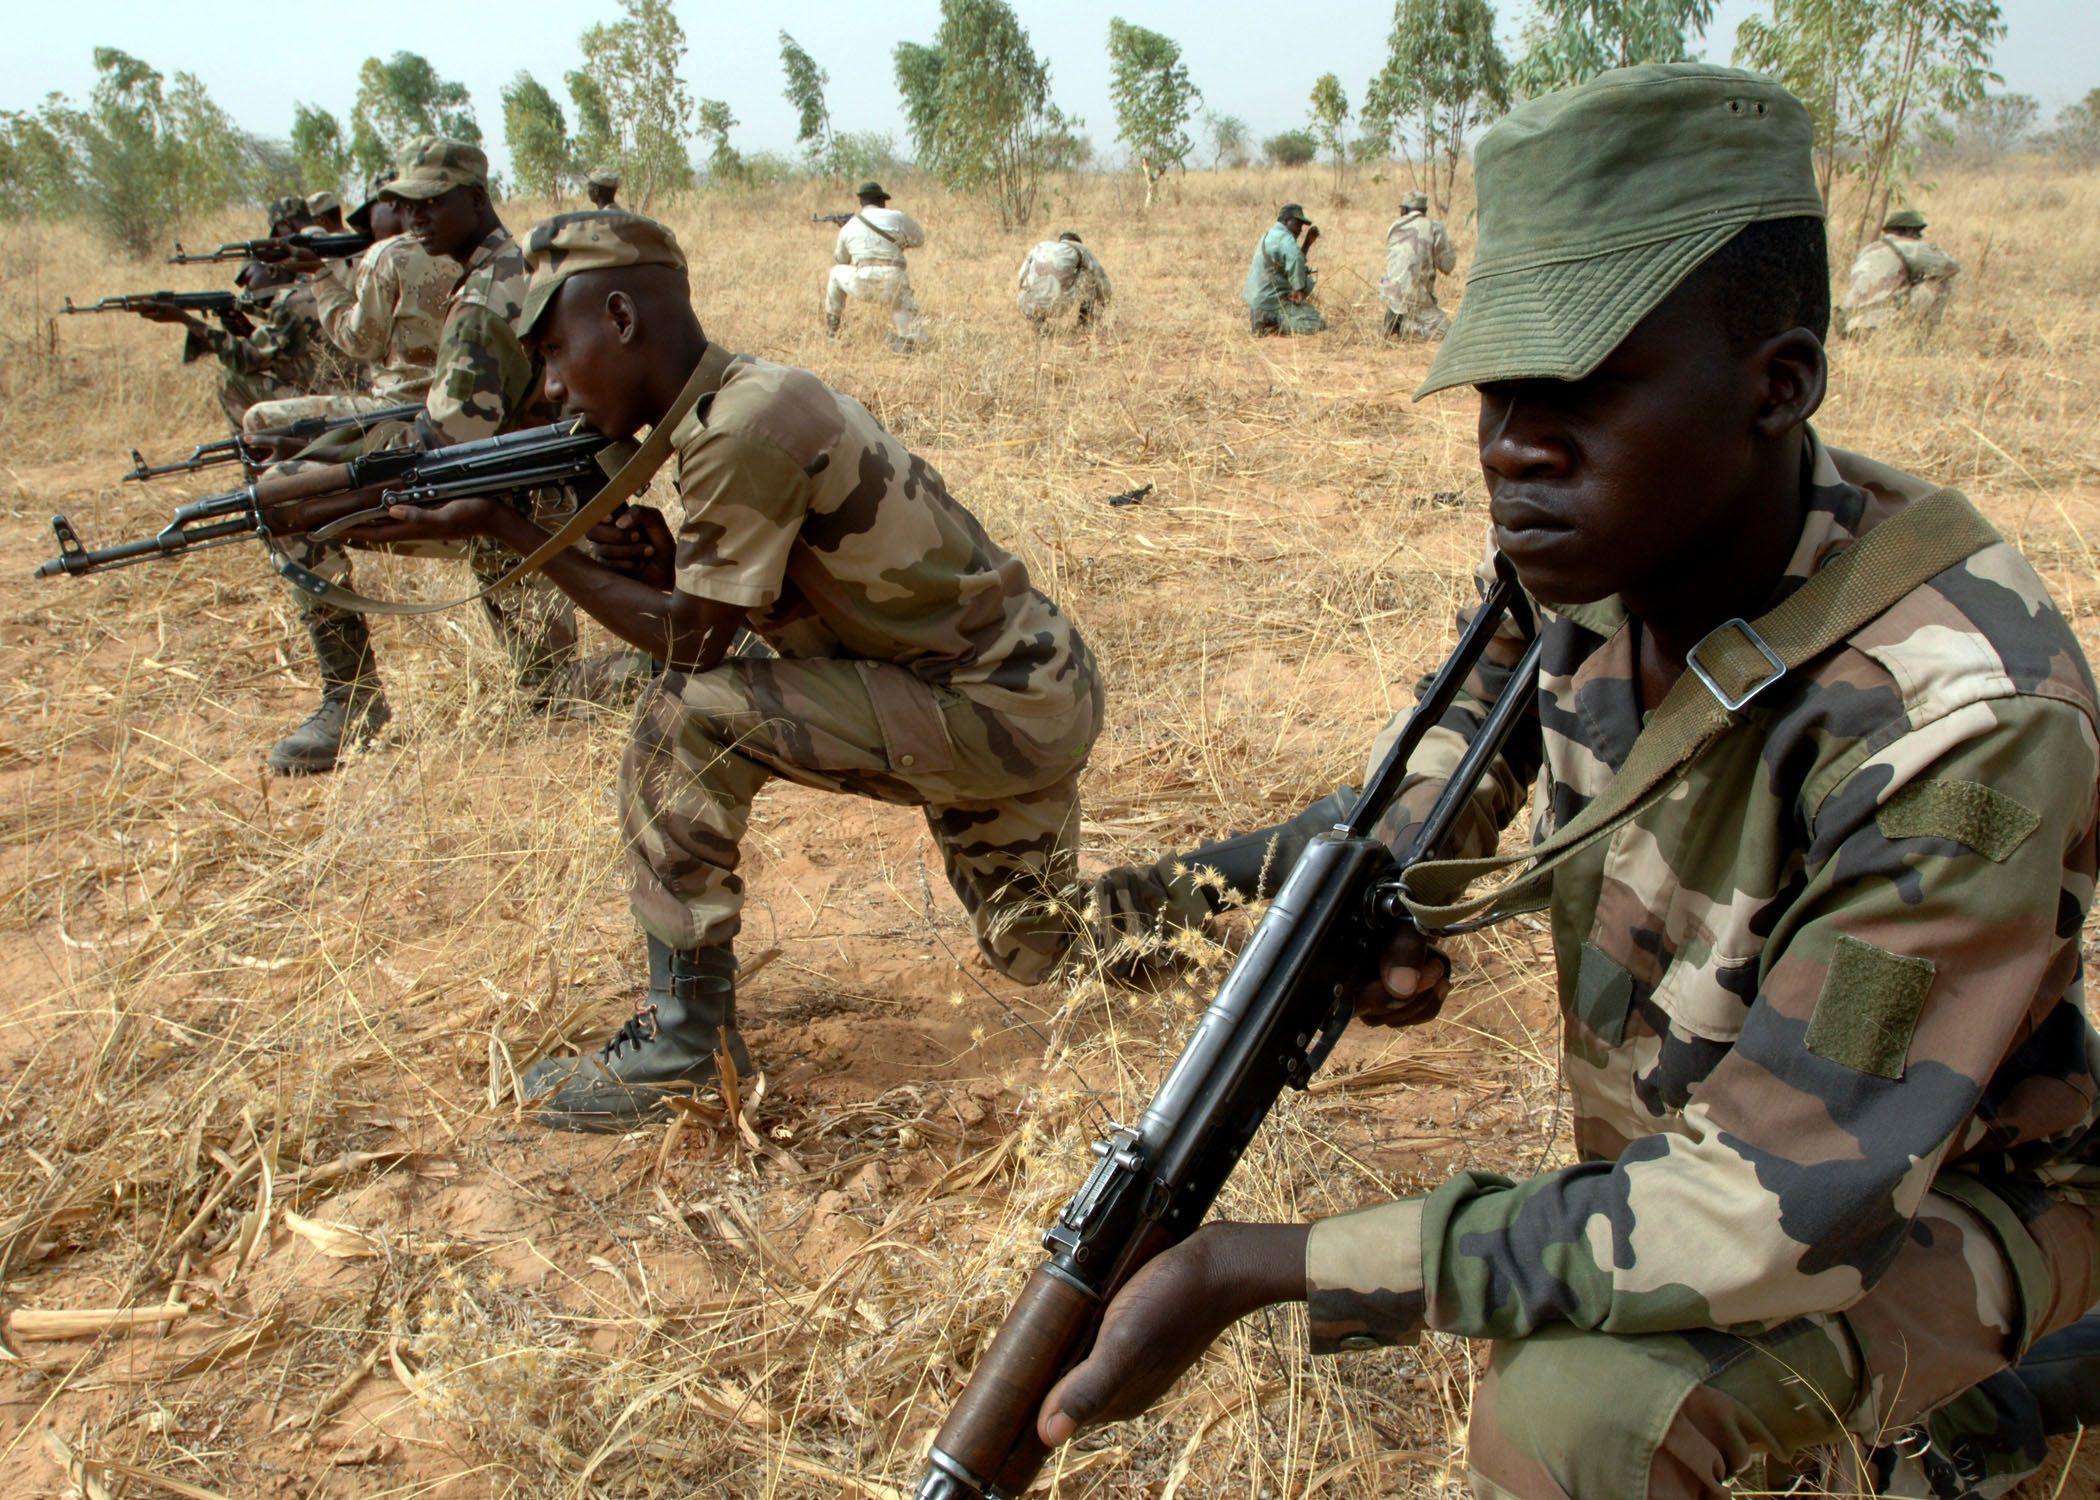 06-04-2007 Militares de Níger en sesión de entrenamiento POLITICA AFRICA INTERNACIONAL EJÉRCITO DE EEUU /EJÉRCITO DE NÍGER